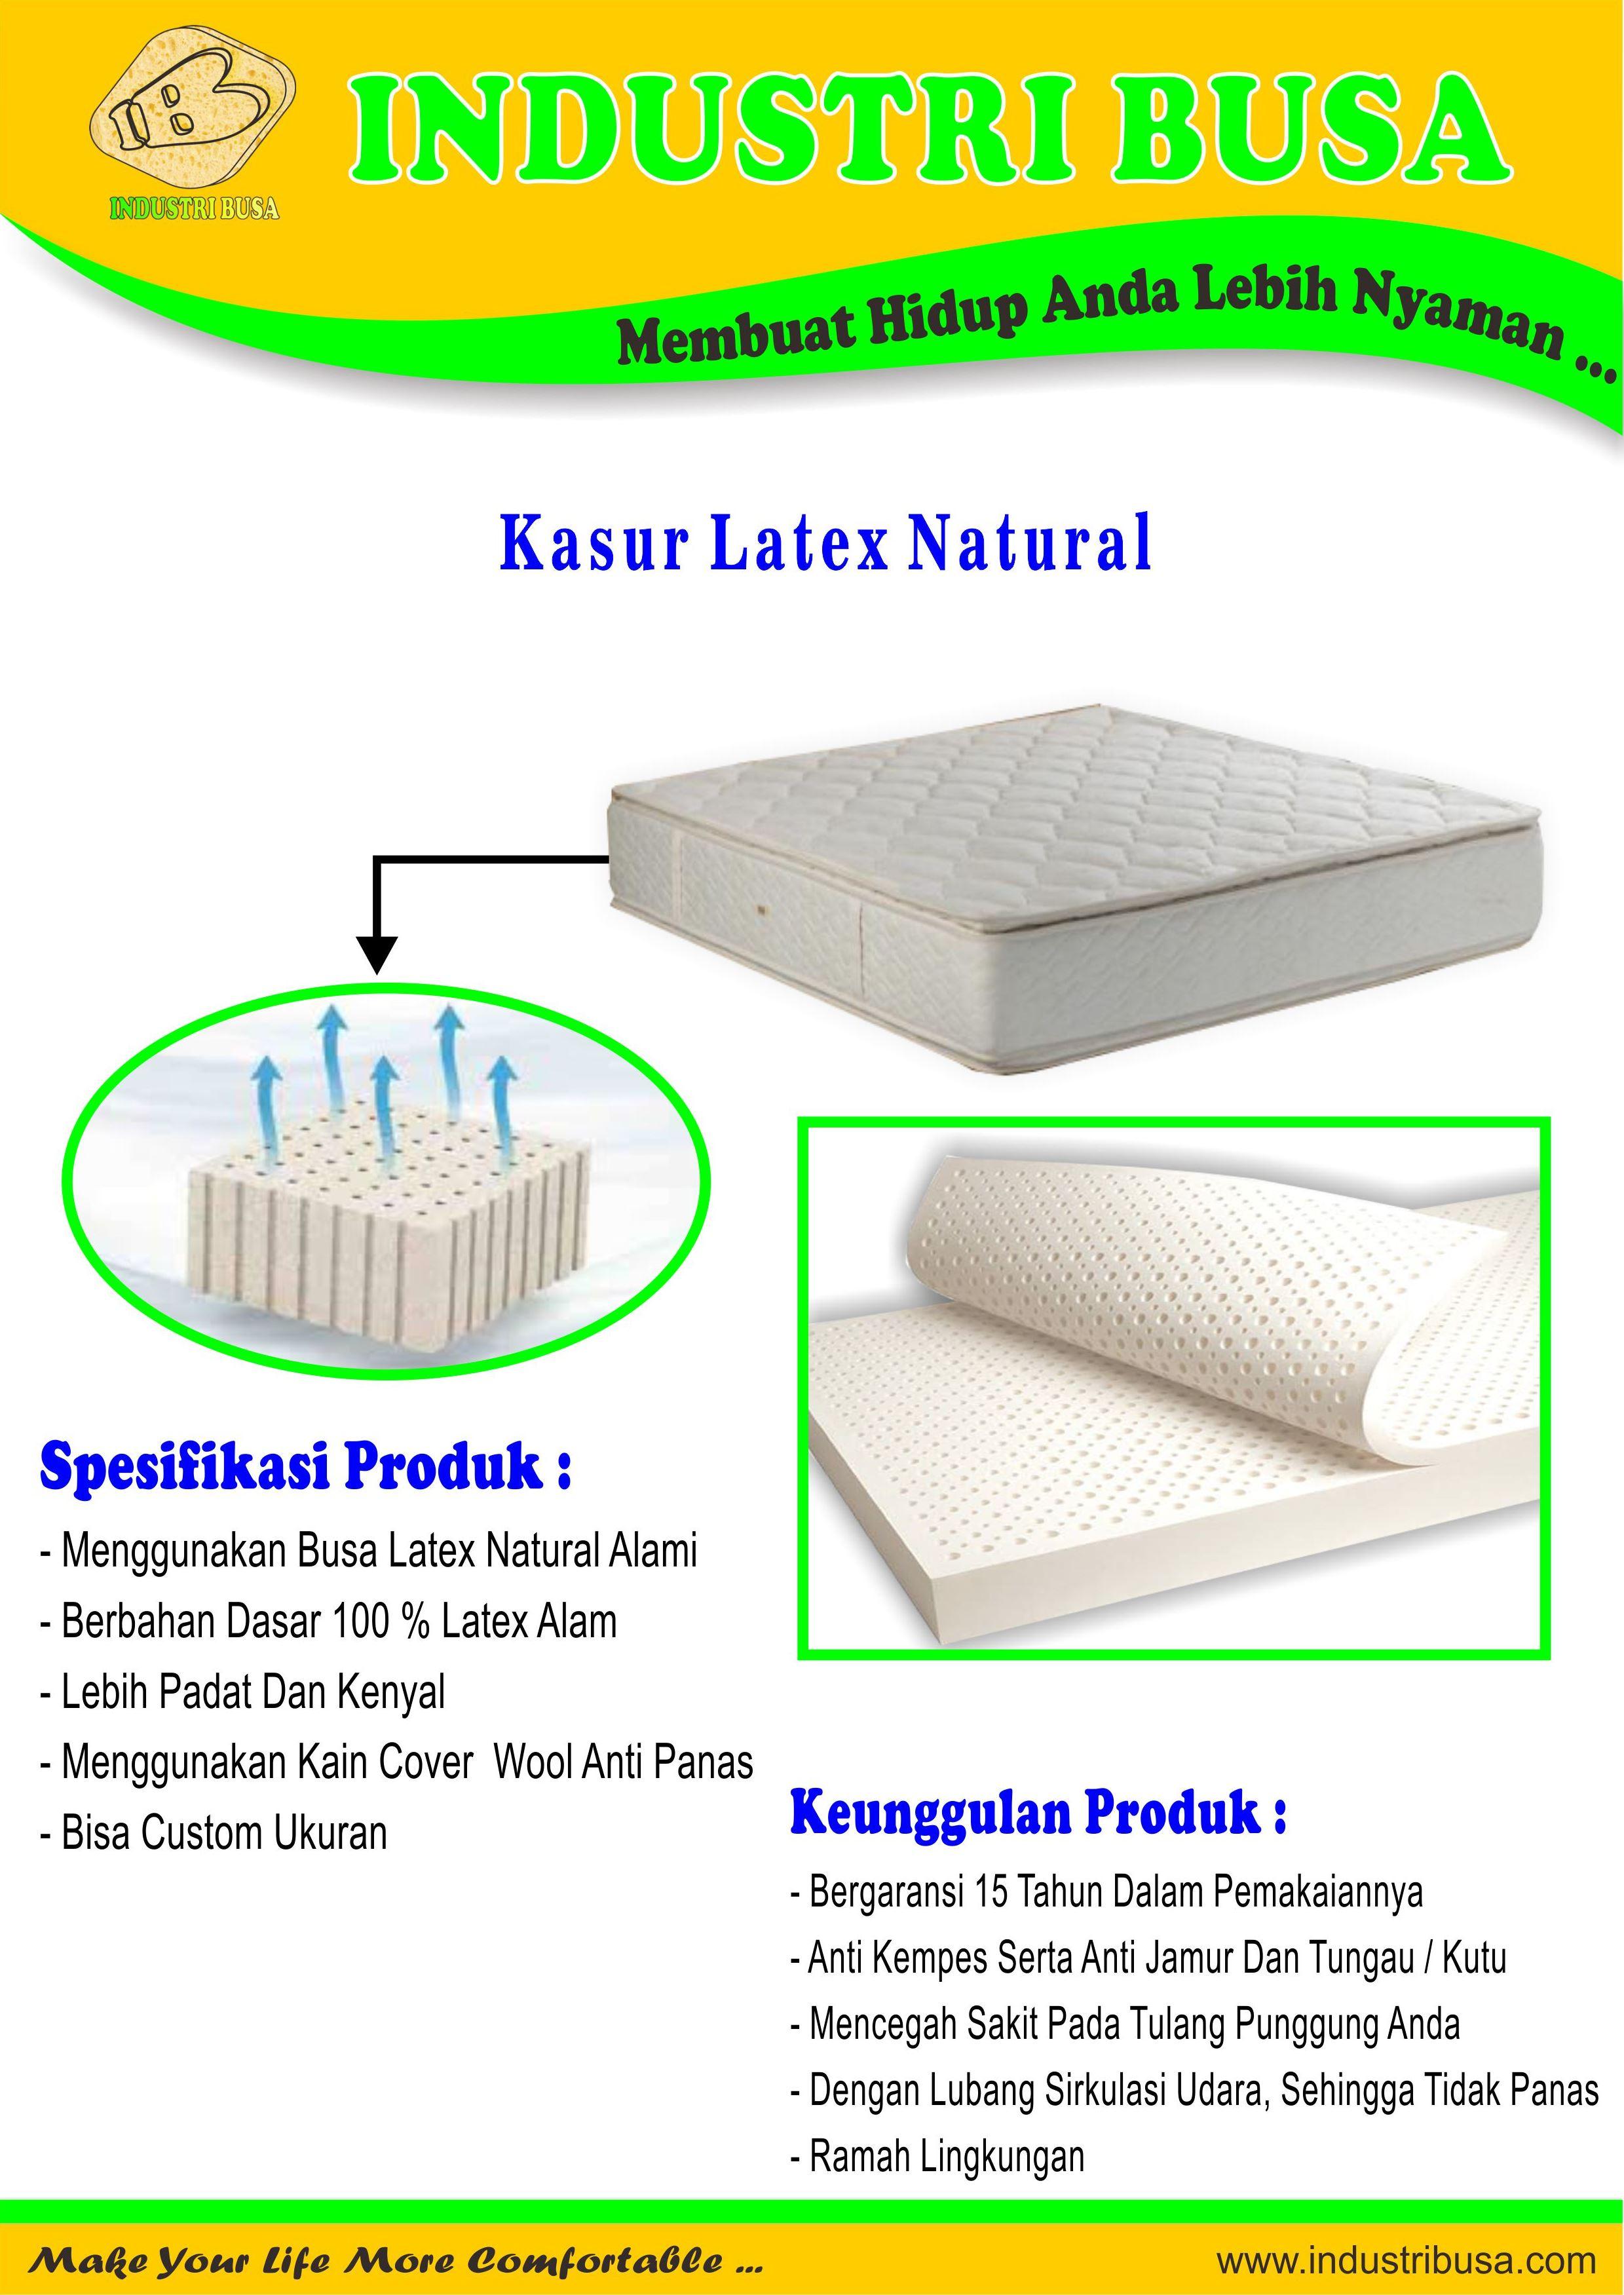 Kasur Latex Natural